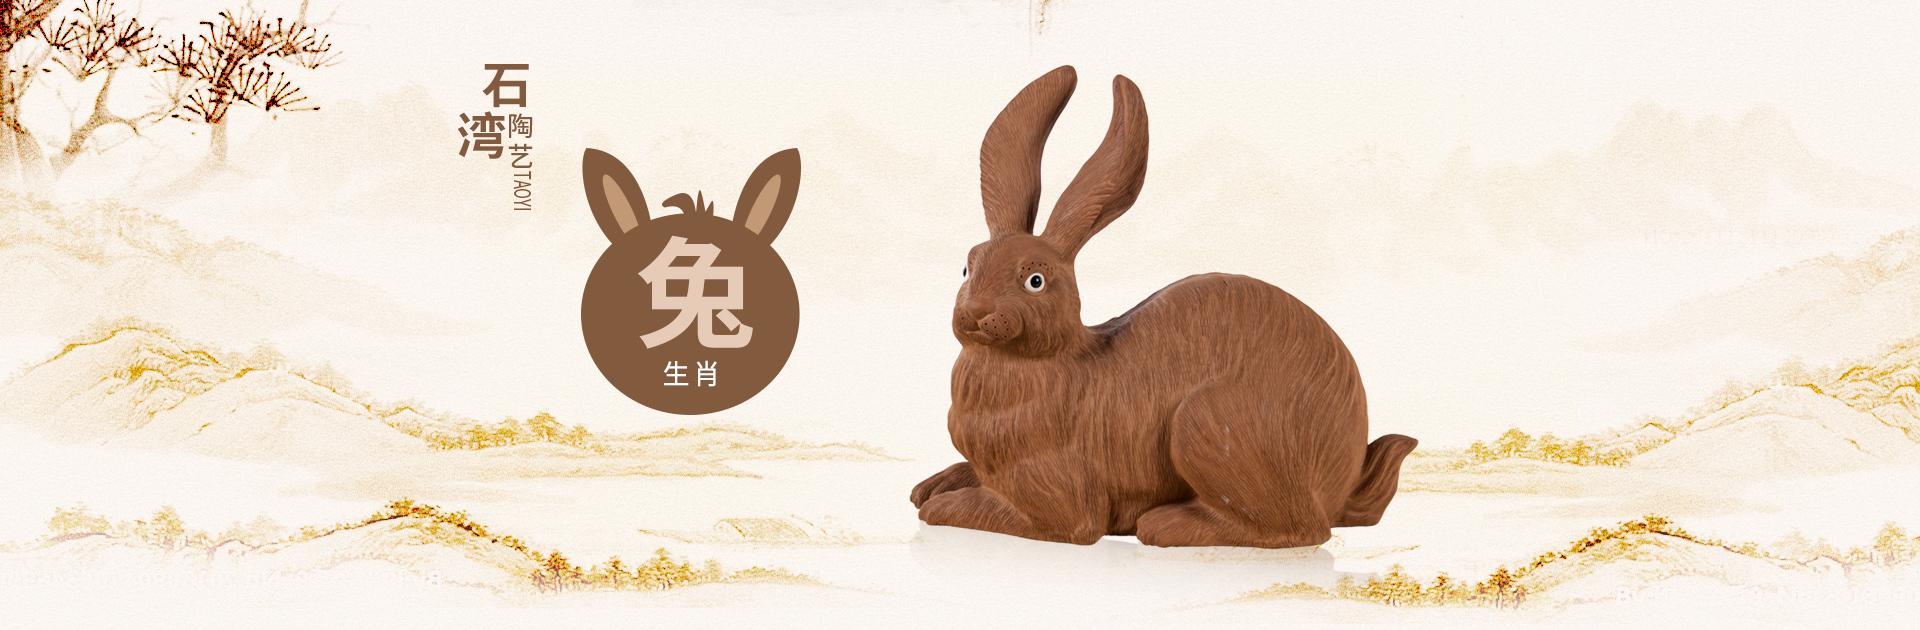 十二生肖公仔-兔 艺术品 爱特猫